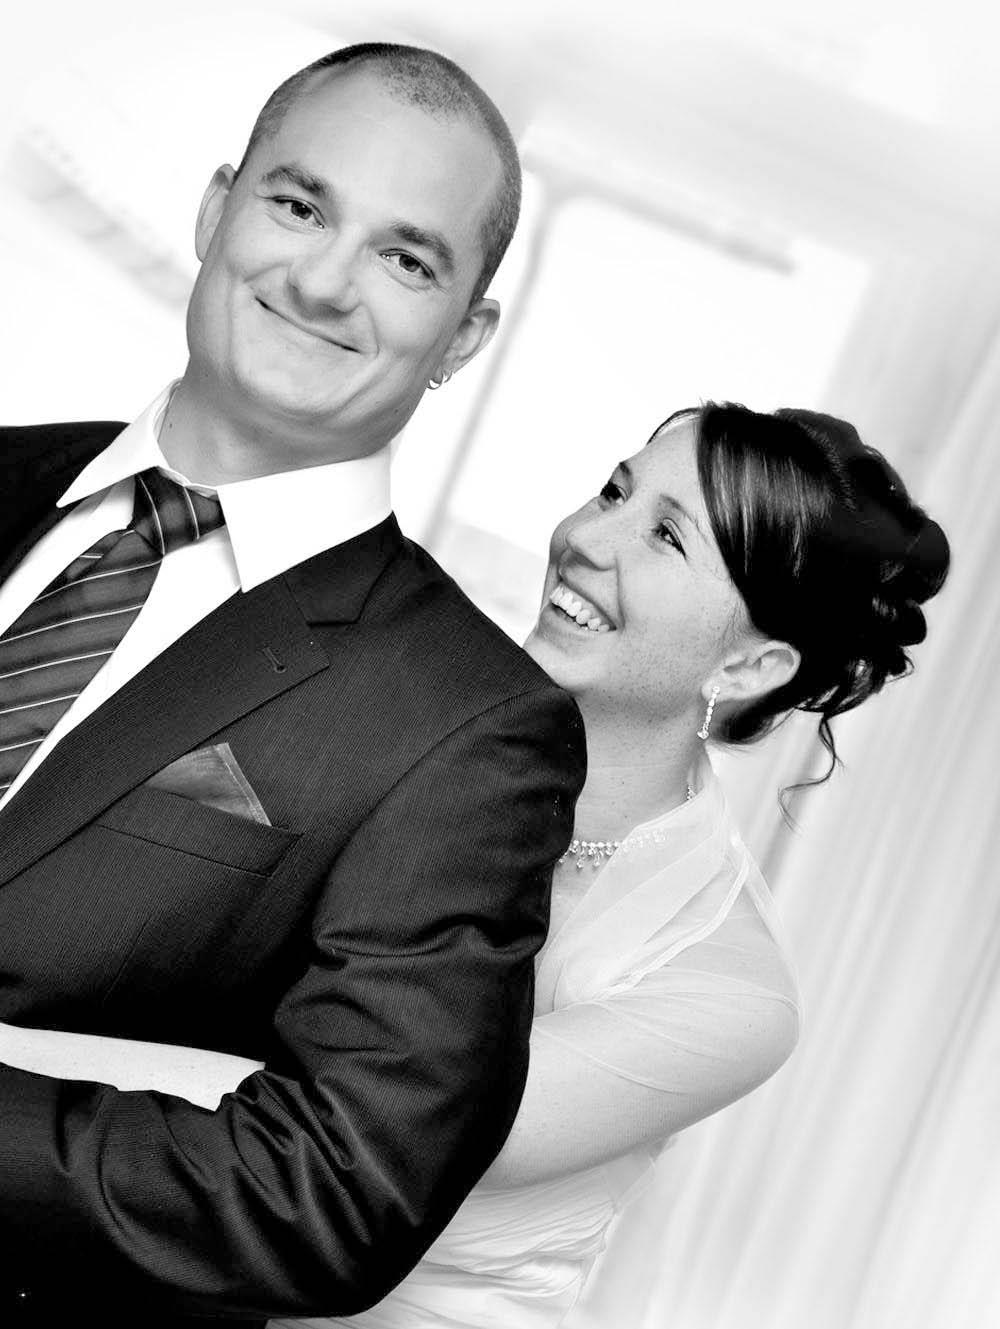 Hochzeitsfotografie Wuppertal - wir haben ja gesagt